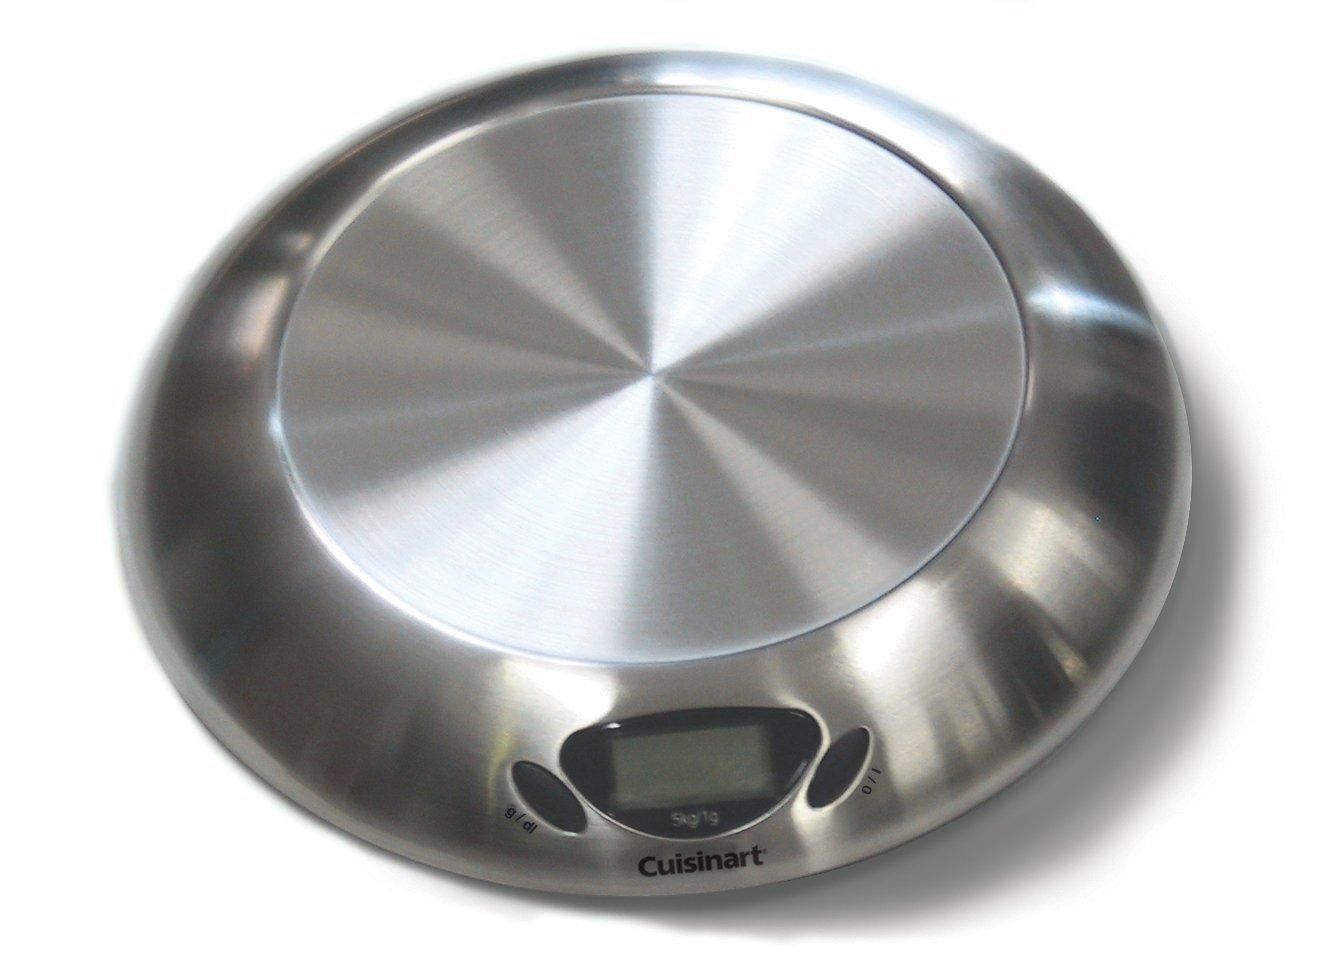 Cuisinart SCA5CE Digitale Küchenwaage | eBay